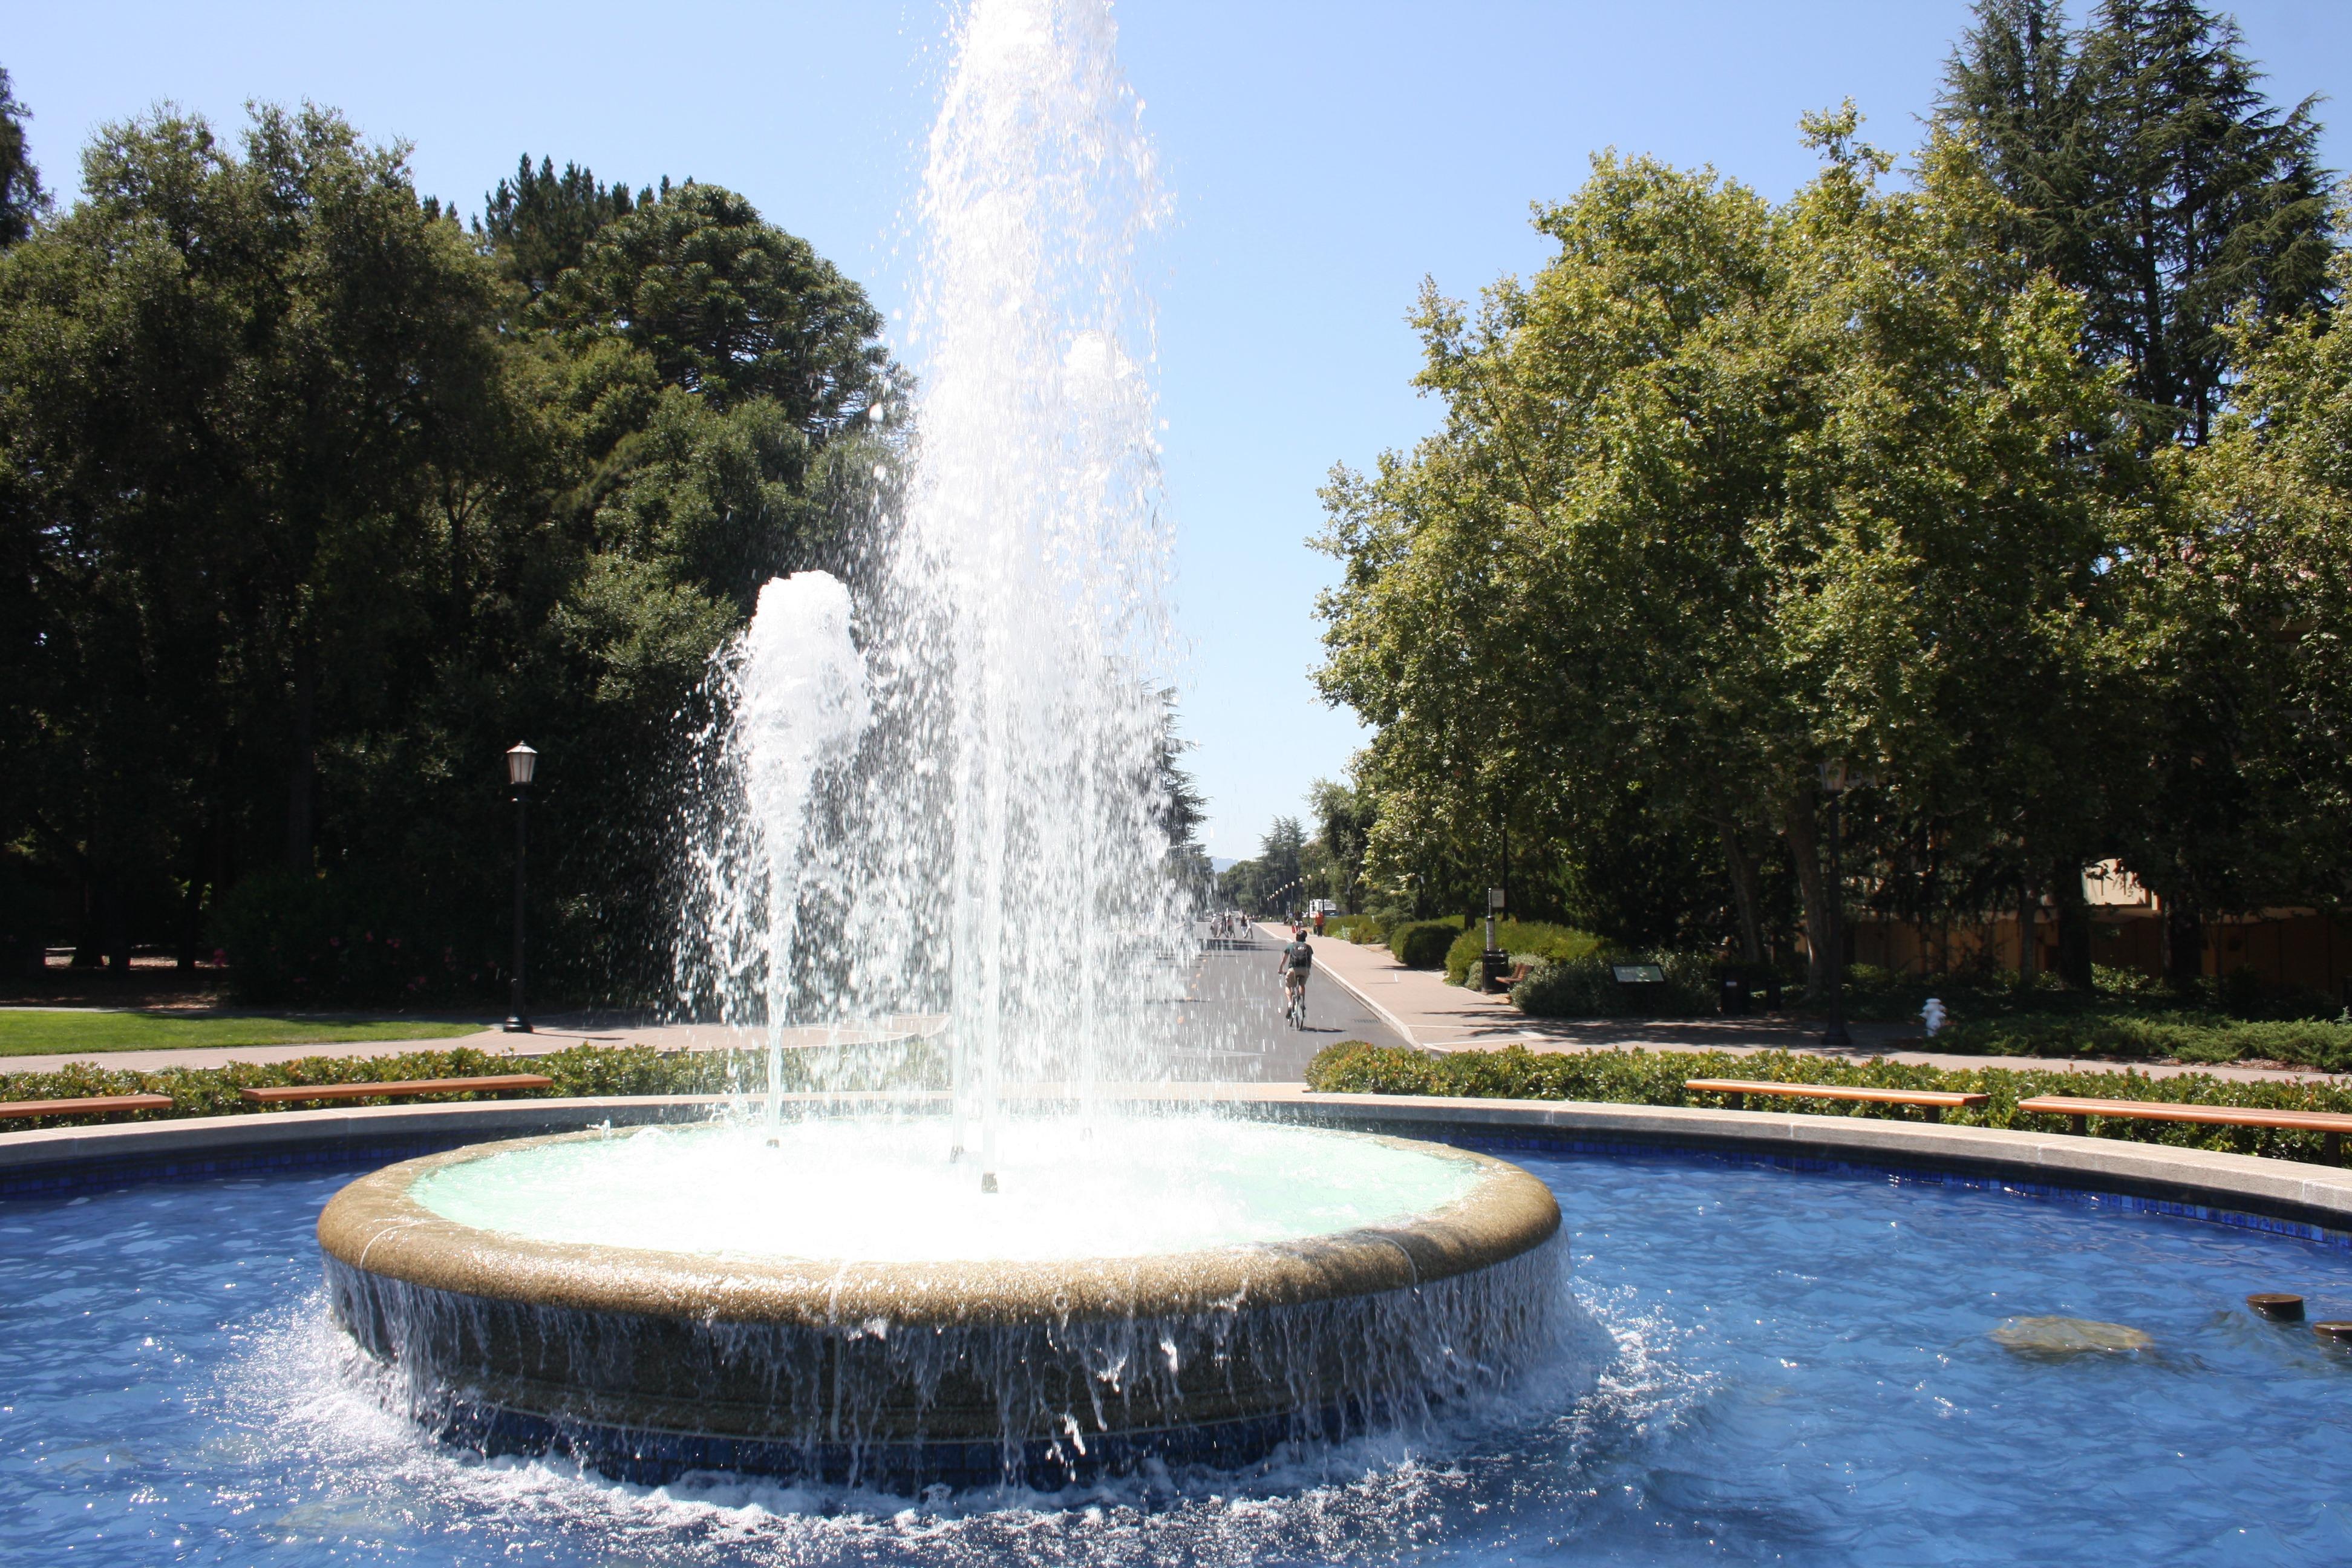 Fotos Gratis Calle Pueblo Piscina Parque Estados Unidos California Fuente De Agua